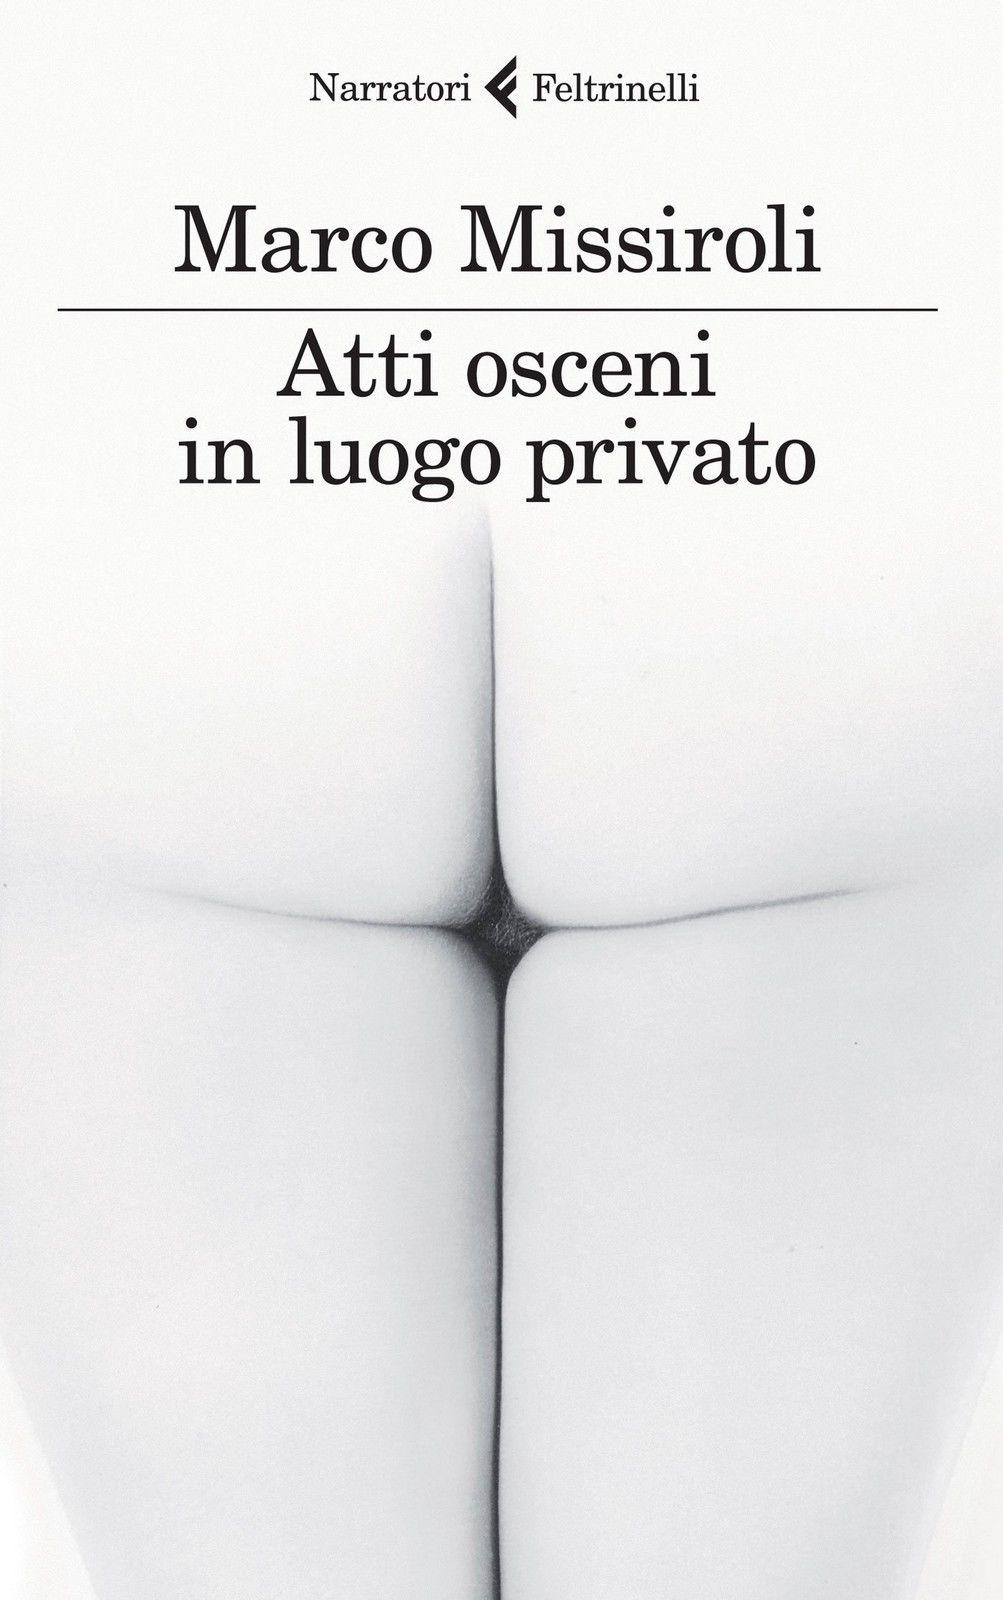 Atti osceni in luogo privato copertina